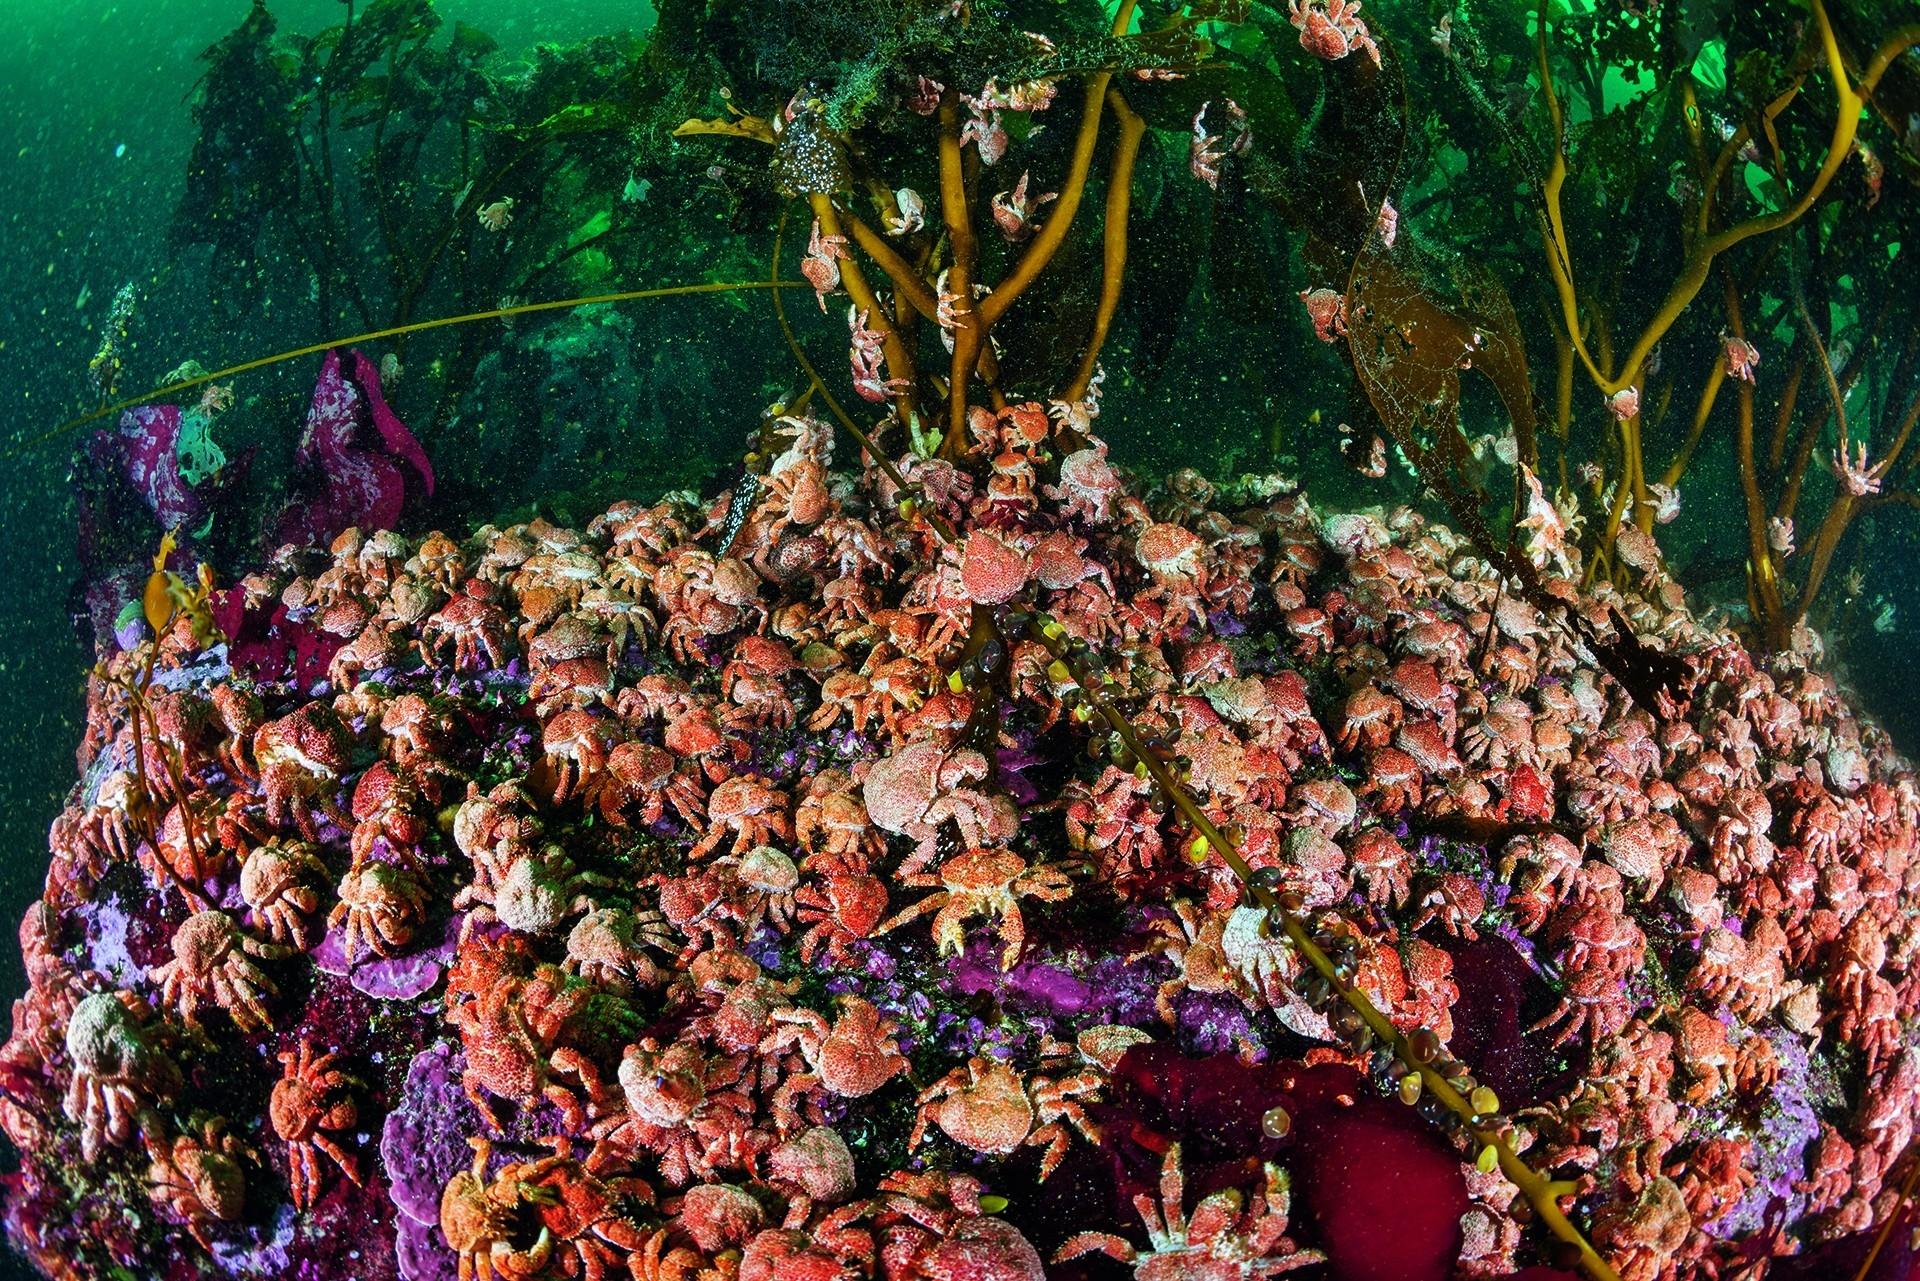 數以千計的顆粒仿石蟹(Paralomis granu-losa)幼蟹群聚在智利合恩角附近的一座巨藻森林中。這種蟹在當地被大量捕撈,如此大規模的群聚非常罕見。攝影:安立克.薩拉 ENRIC SALA